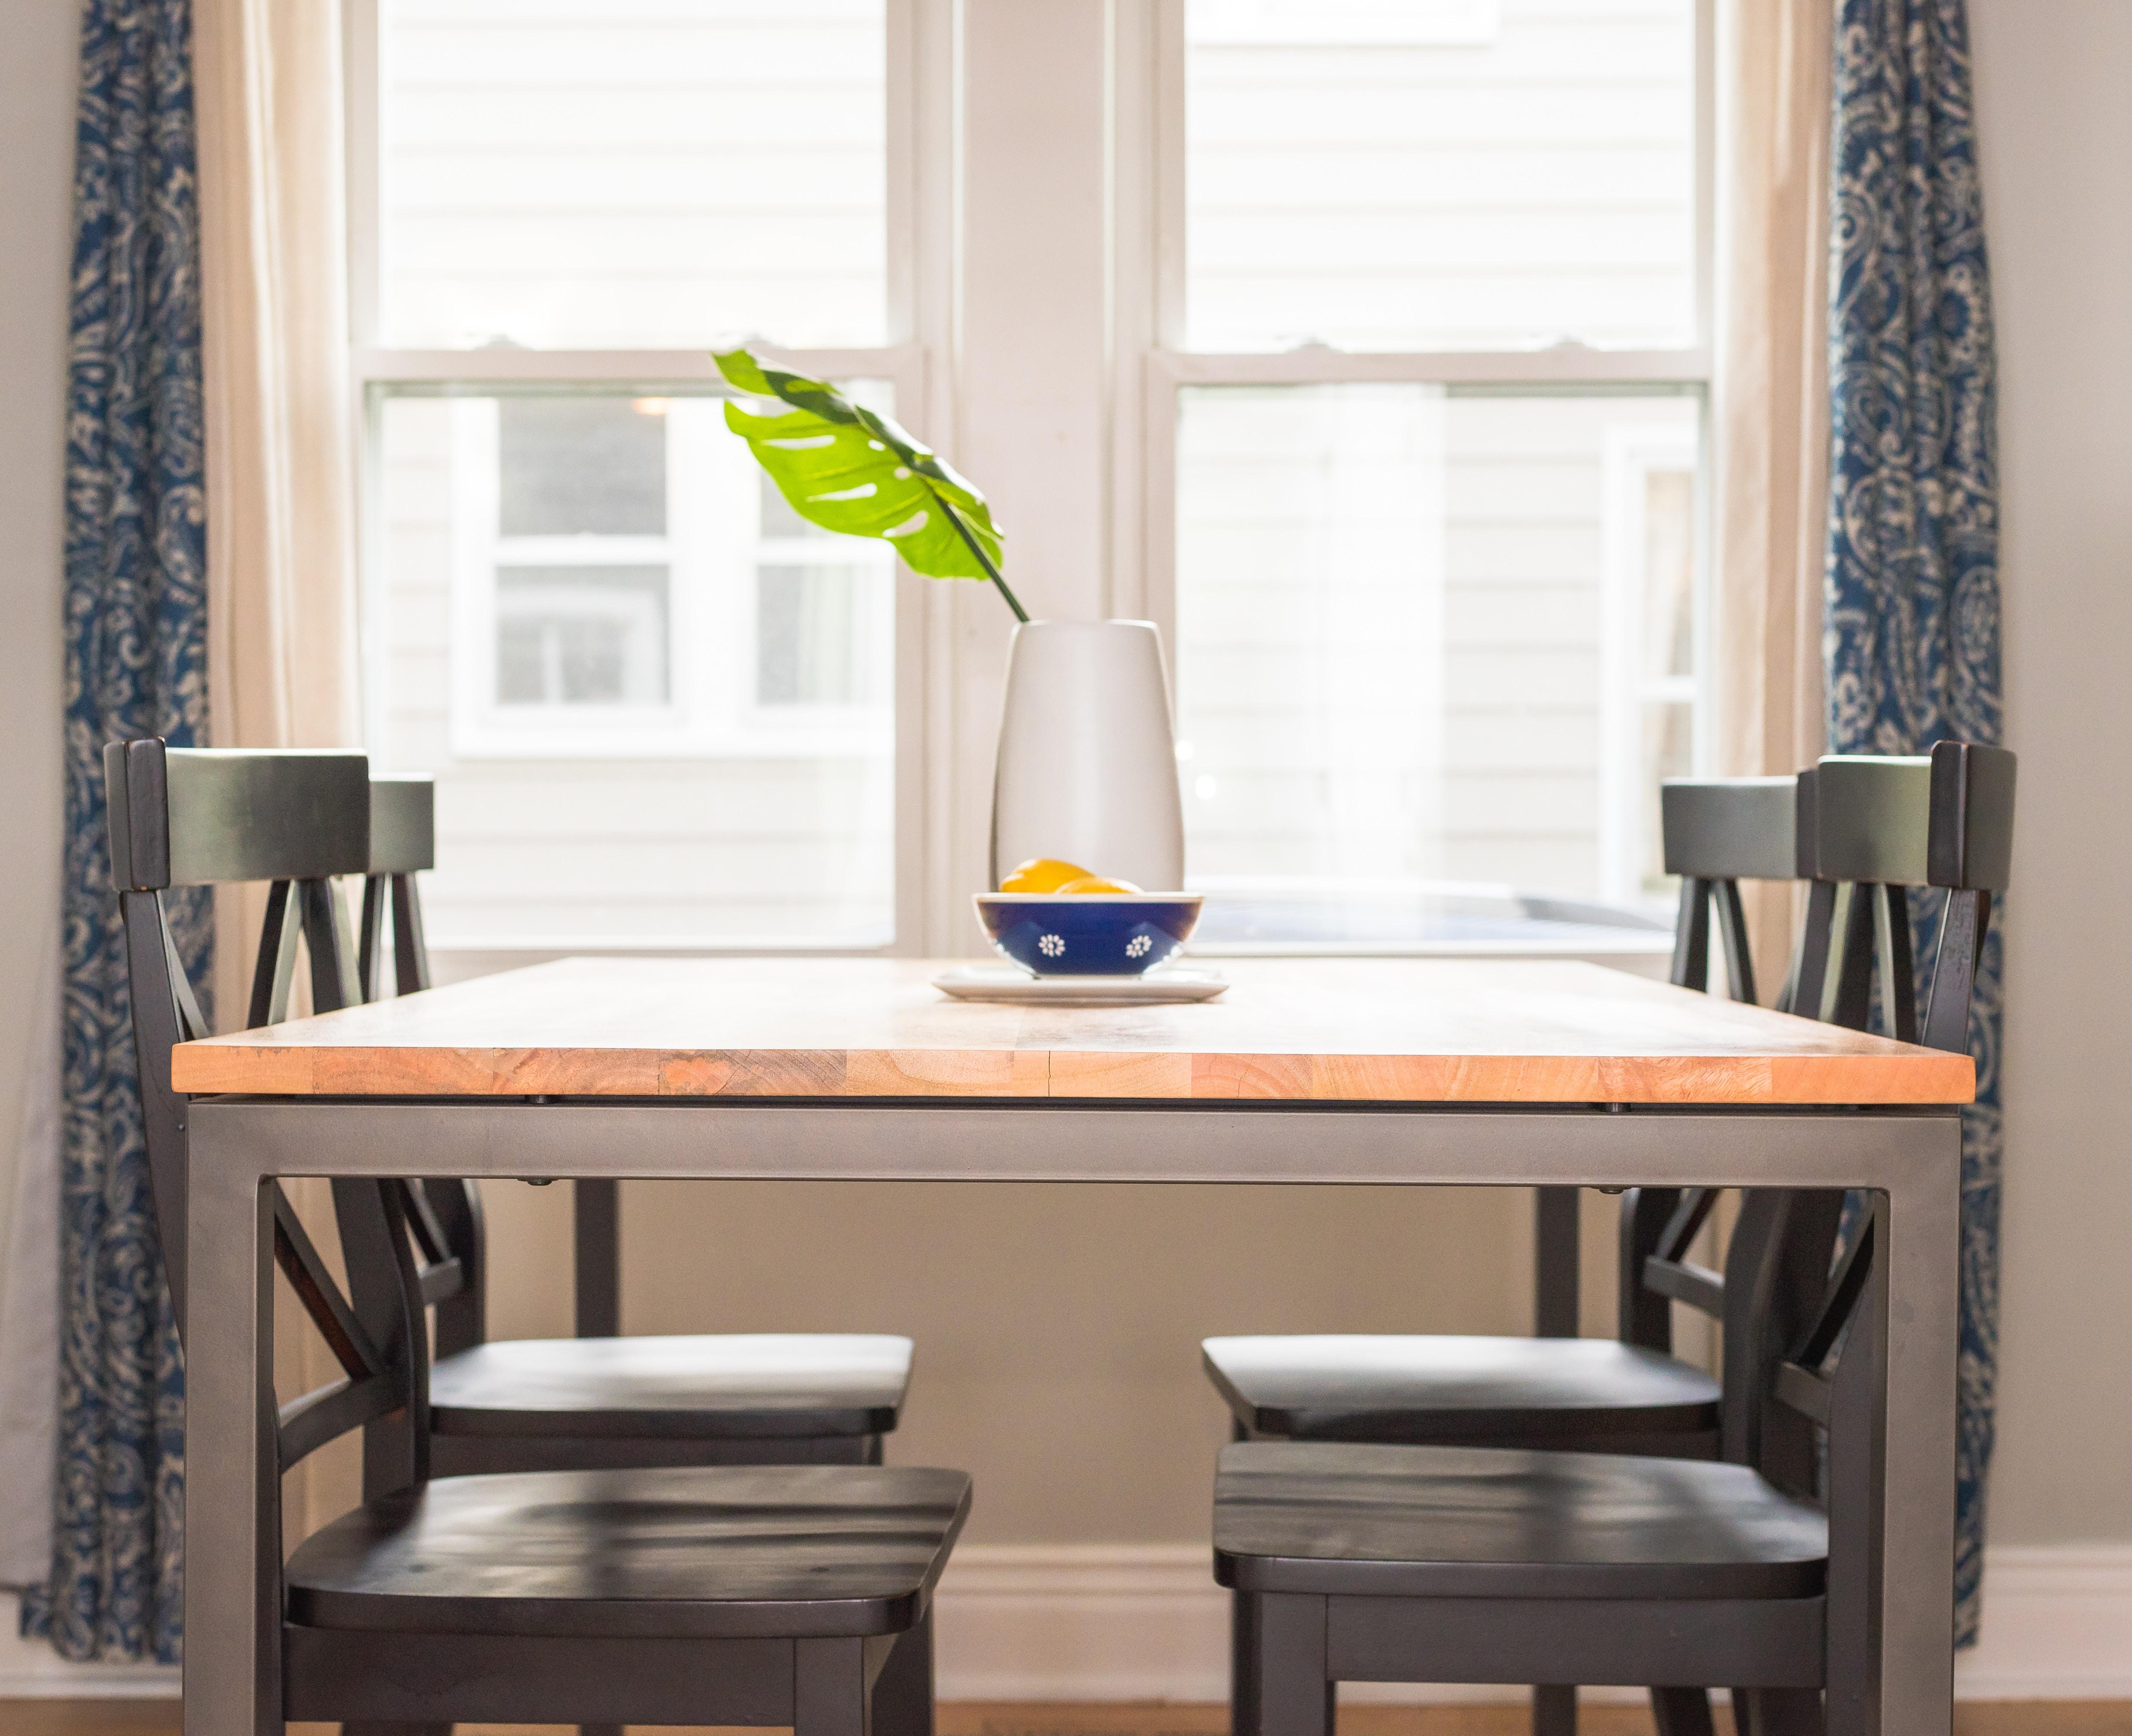 Opdateret Få en flot og funktionel stue med de populære stole fra Hay TY21